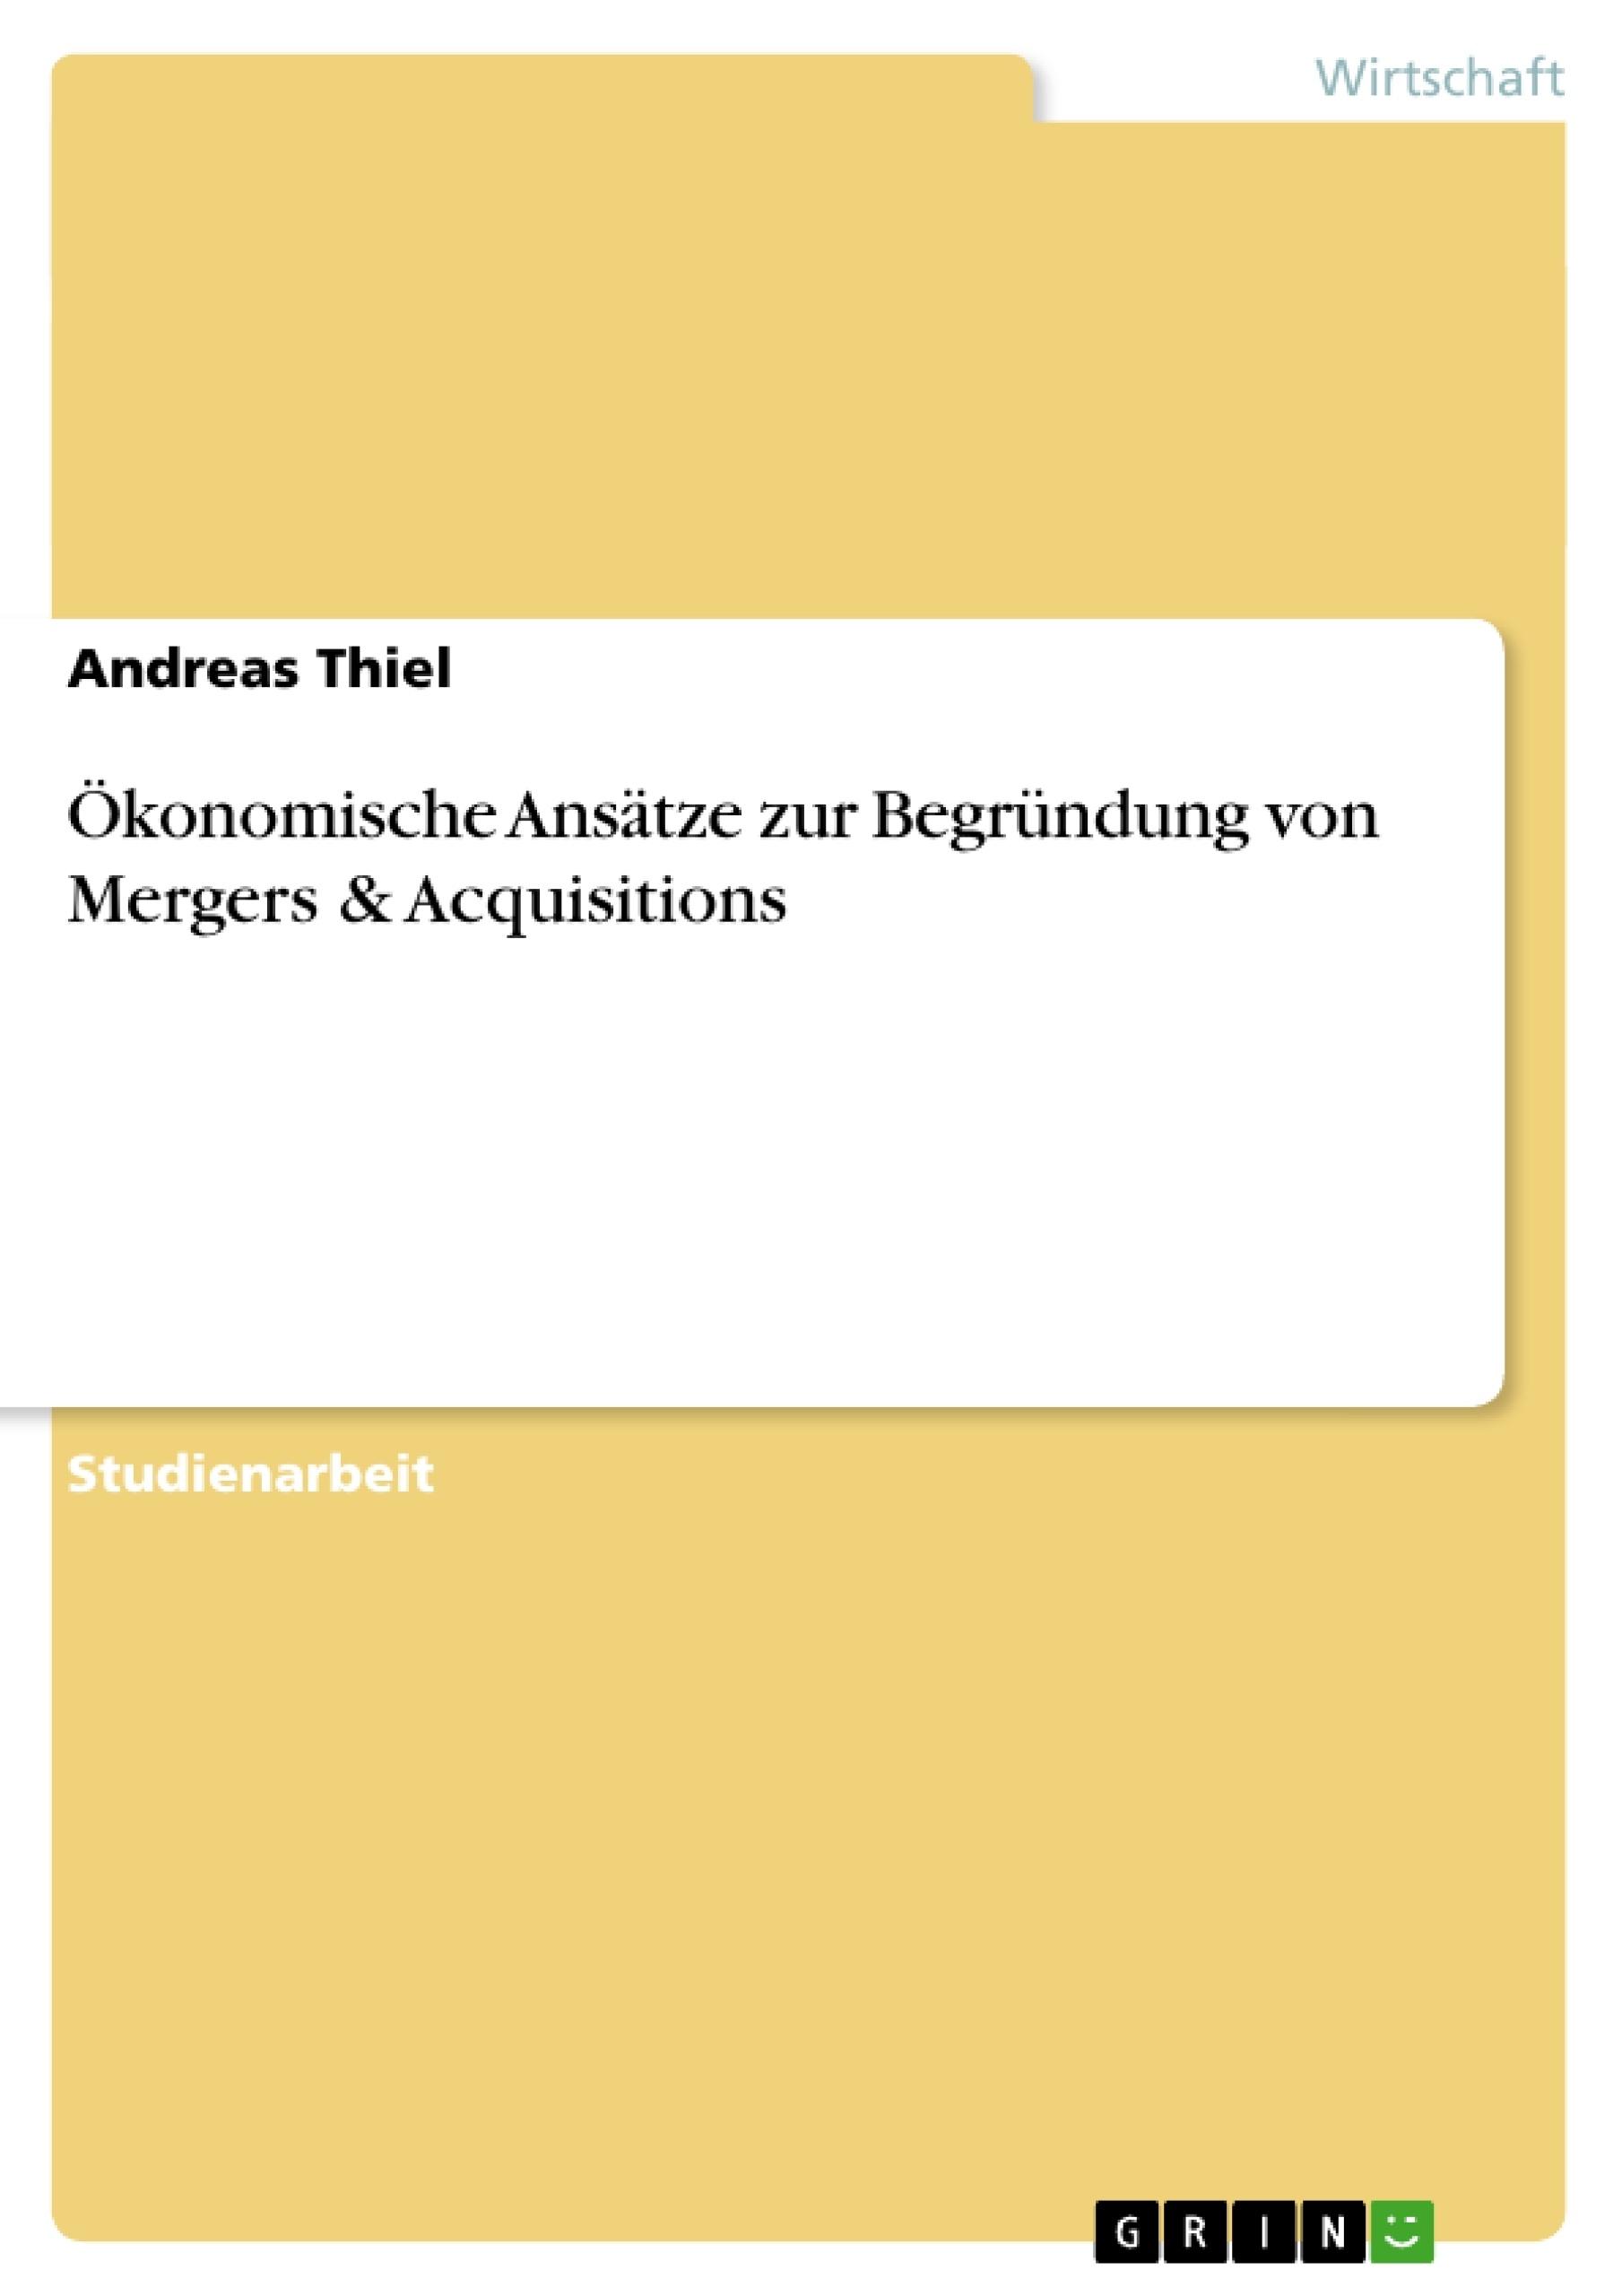 Titel: Ökonomische Ansätze zur Begründung von Mergers & Acquisitions